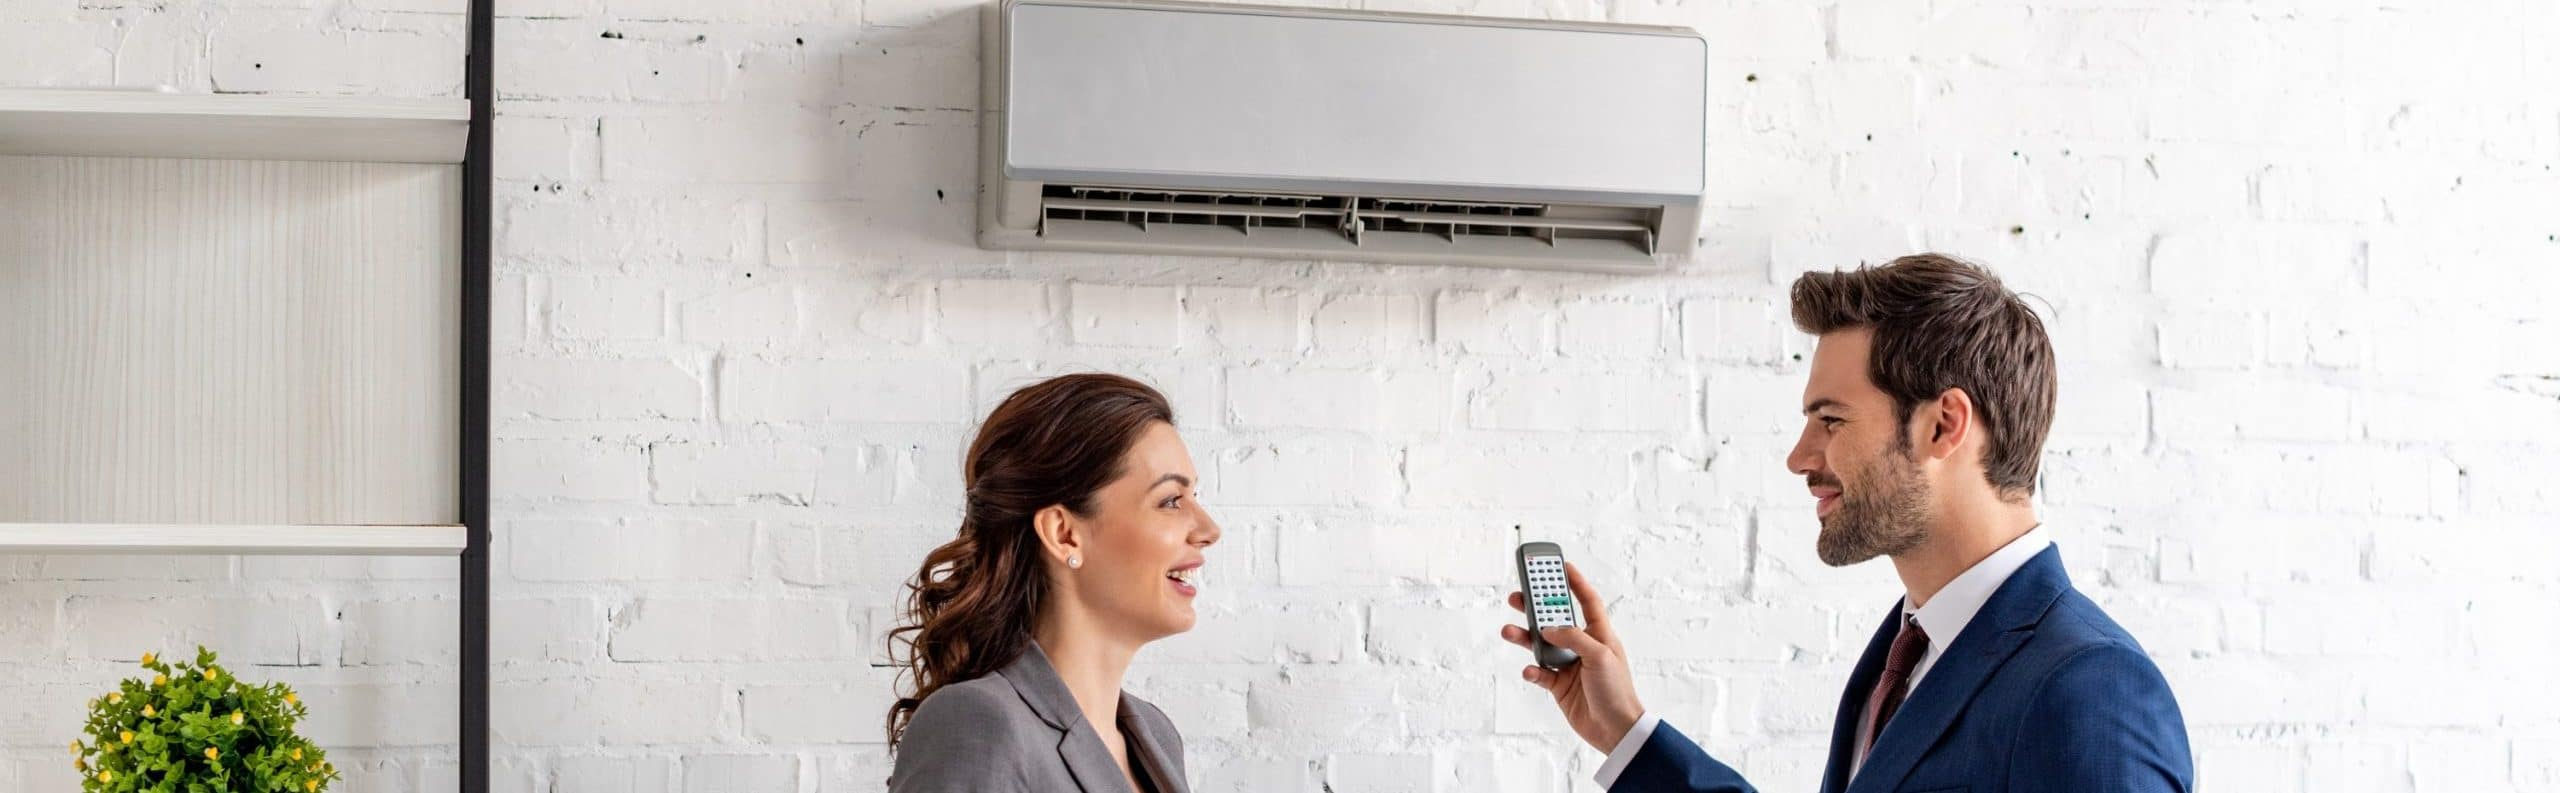 mesurer la qualité de l'air intérieur